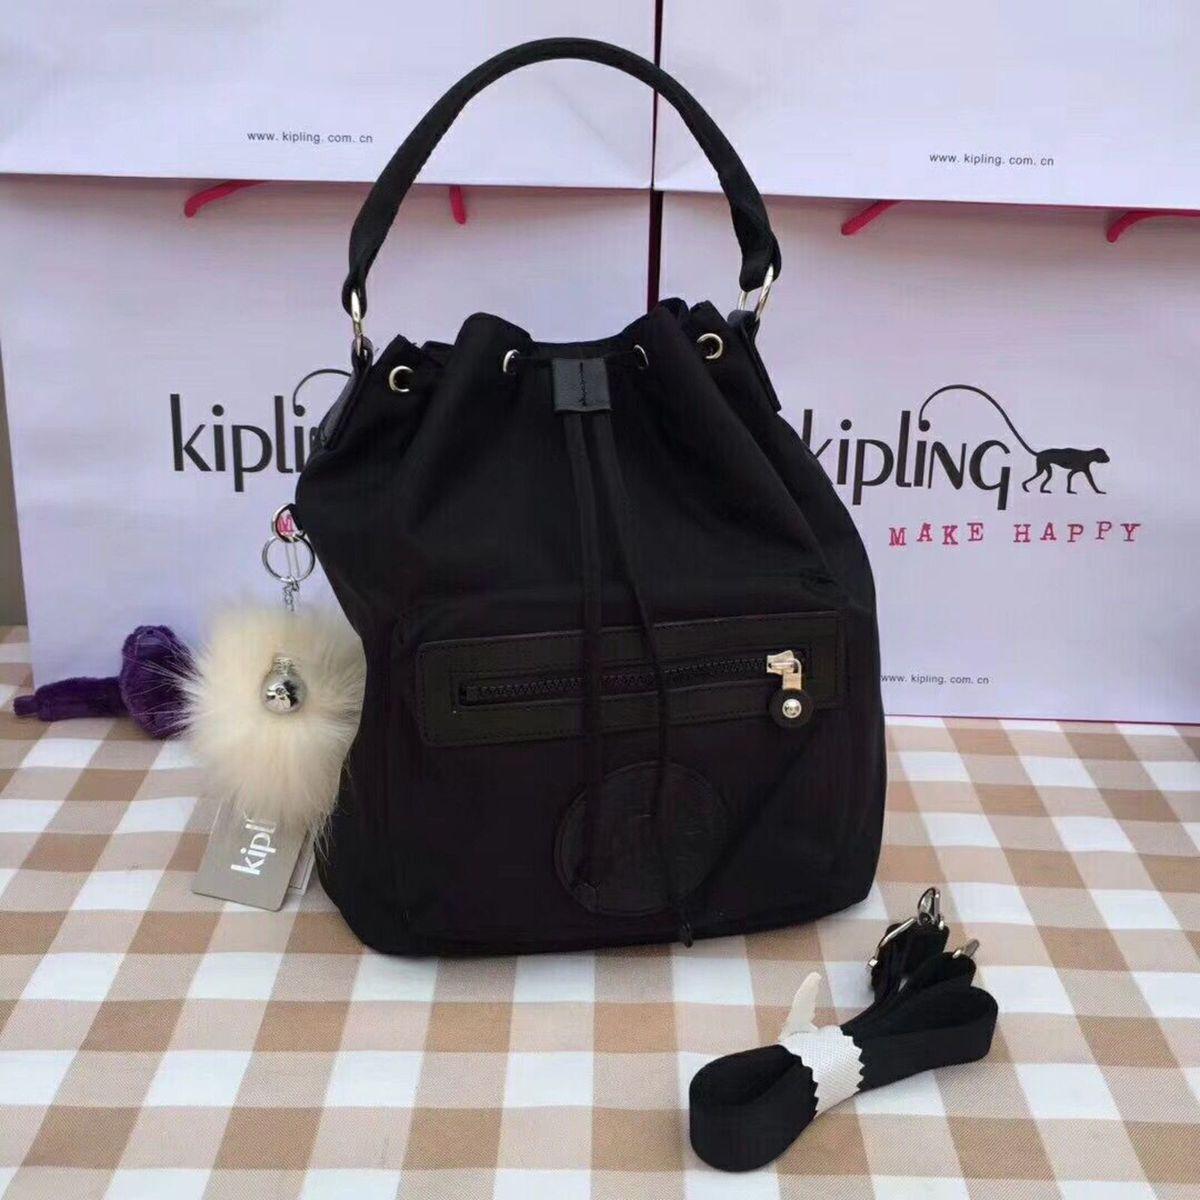 c9e8507d9 Bolsa de Mao 3 em 1 Kipling Violet Preta | Bolsa de mão Feminina Kipling  Nunca Usado 28648855 | enjoei